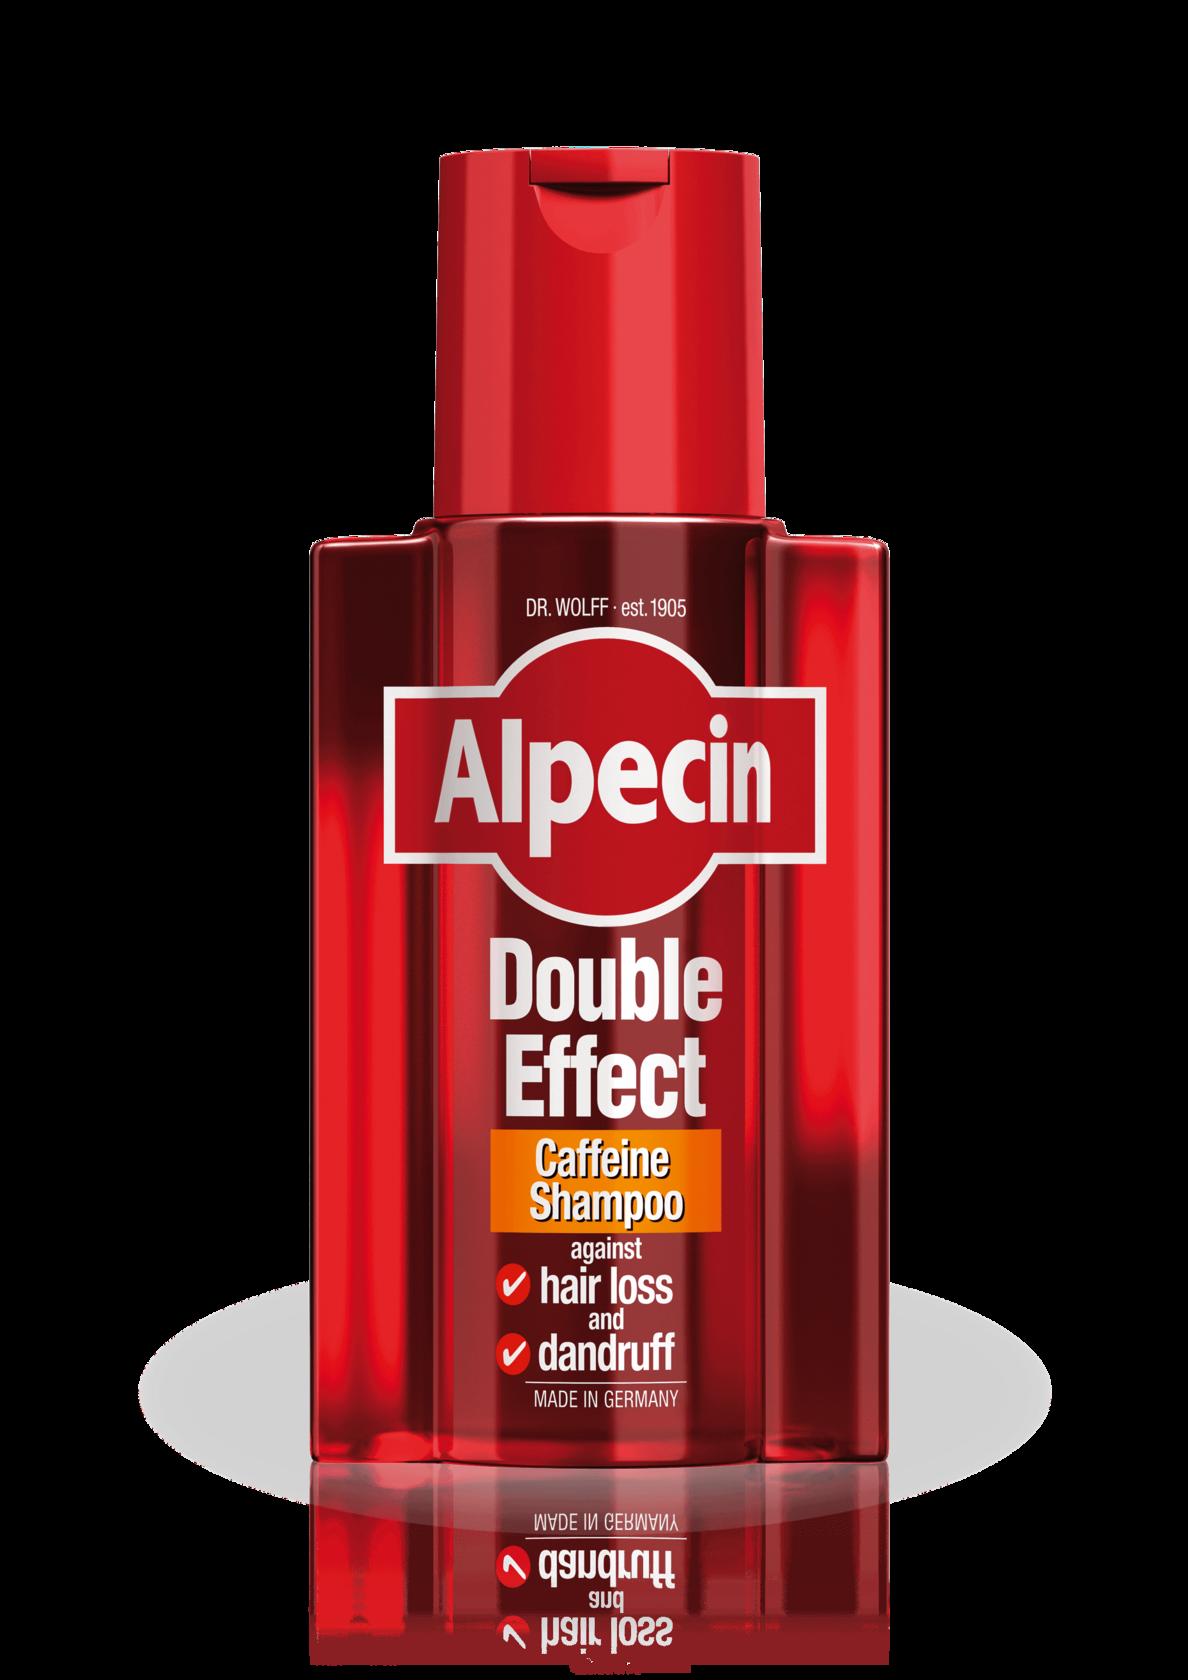 Alpecin Double Effect Caffeine Shampoo against dandruff and hair loss